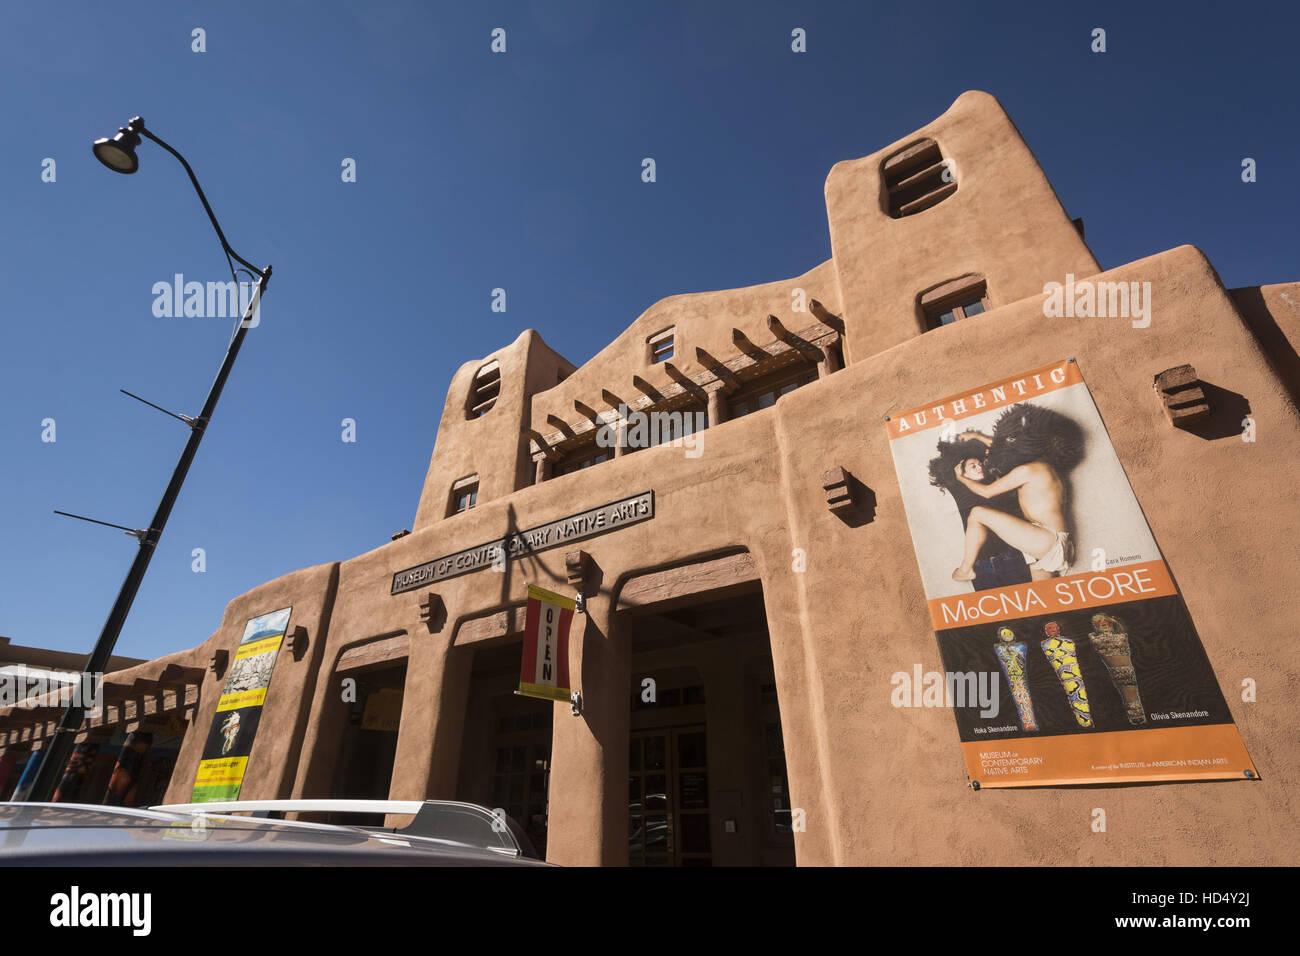 New Mexico, Santa Fe, IAIA Museum of Contemporary Native Arts - Stock Image